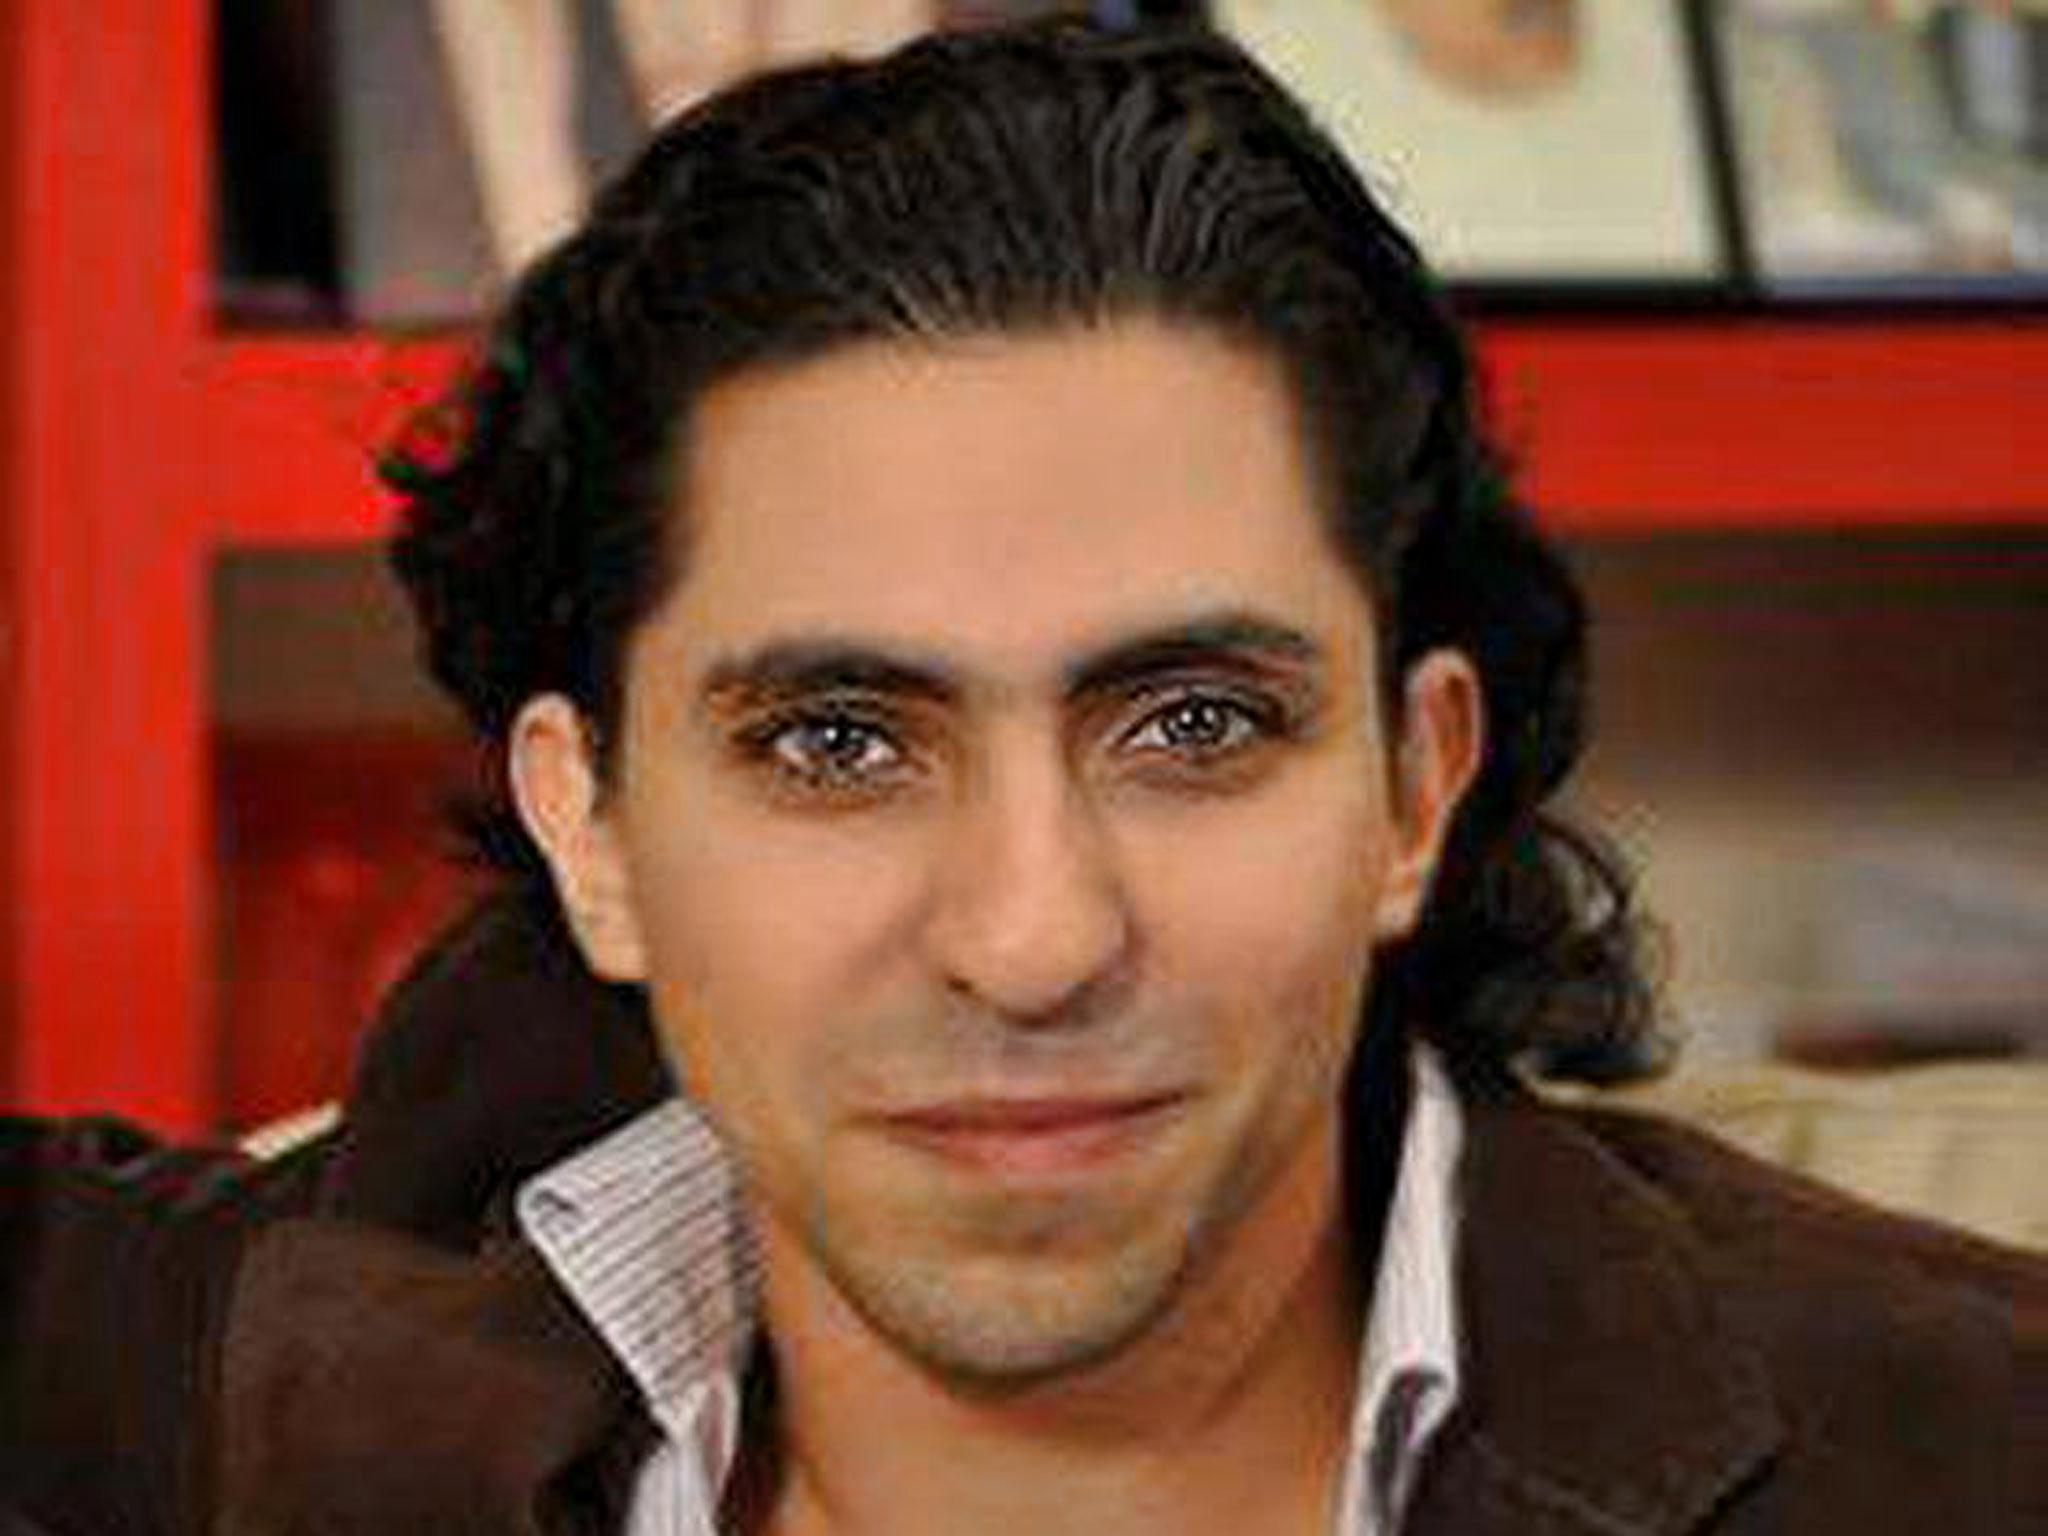 Raif Badawi est un écrivain et blogueur saoudien créateur en 2008 du site Free Saudi Liberals sur lequel il militait pour une libéralisation morale de l'Arabie saoudite.